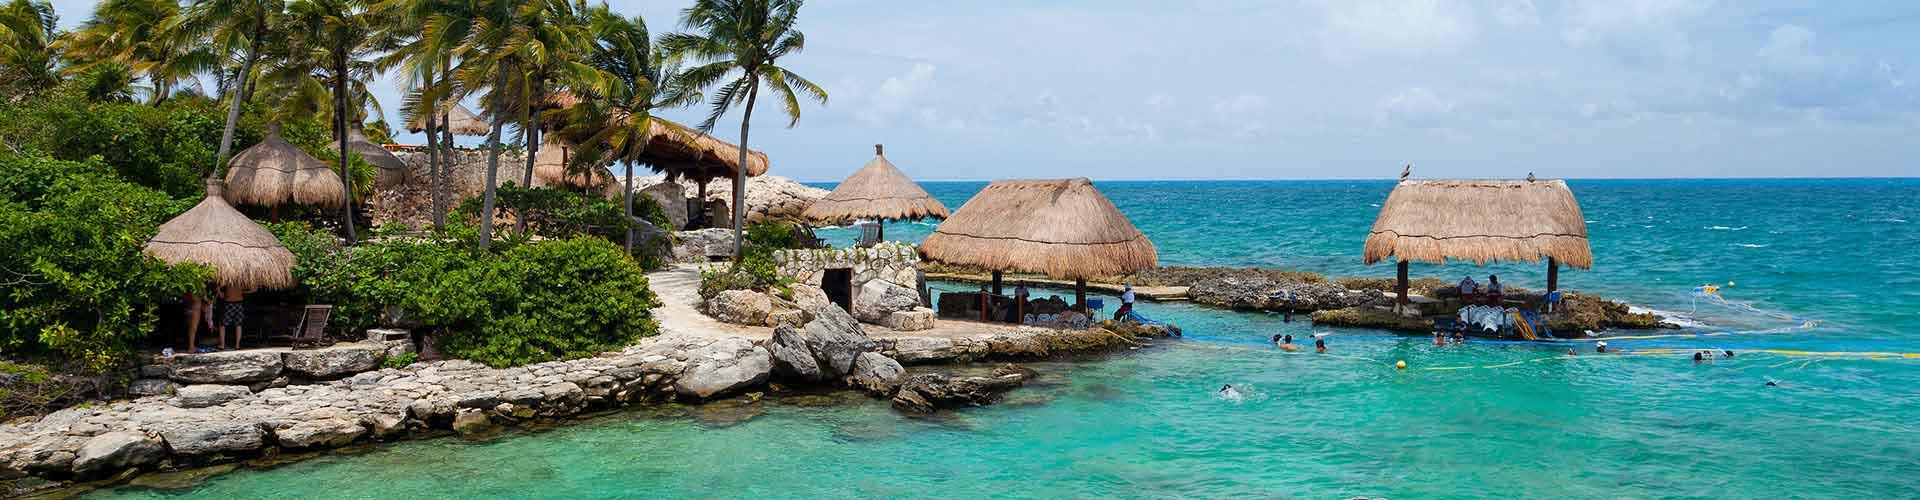 Cancún – Hostels in Cancún. Cancún auf der Karte. Fotos und Bewertungen für jedes Hostel in Cancún.